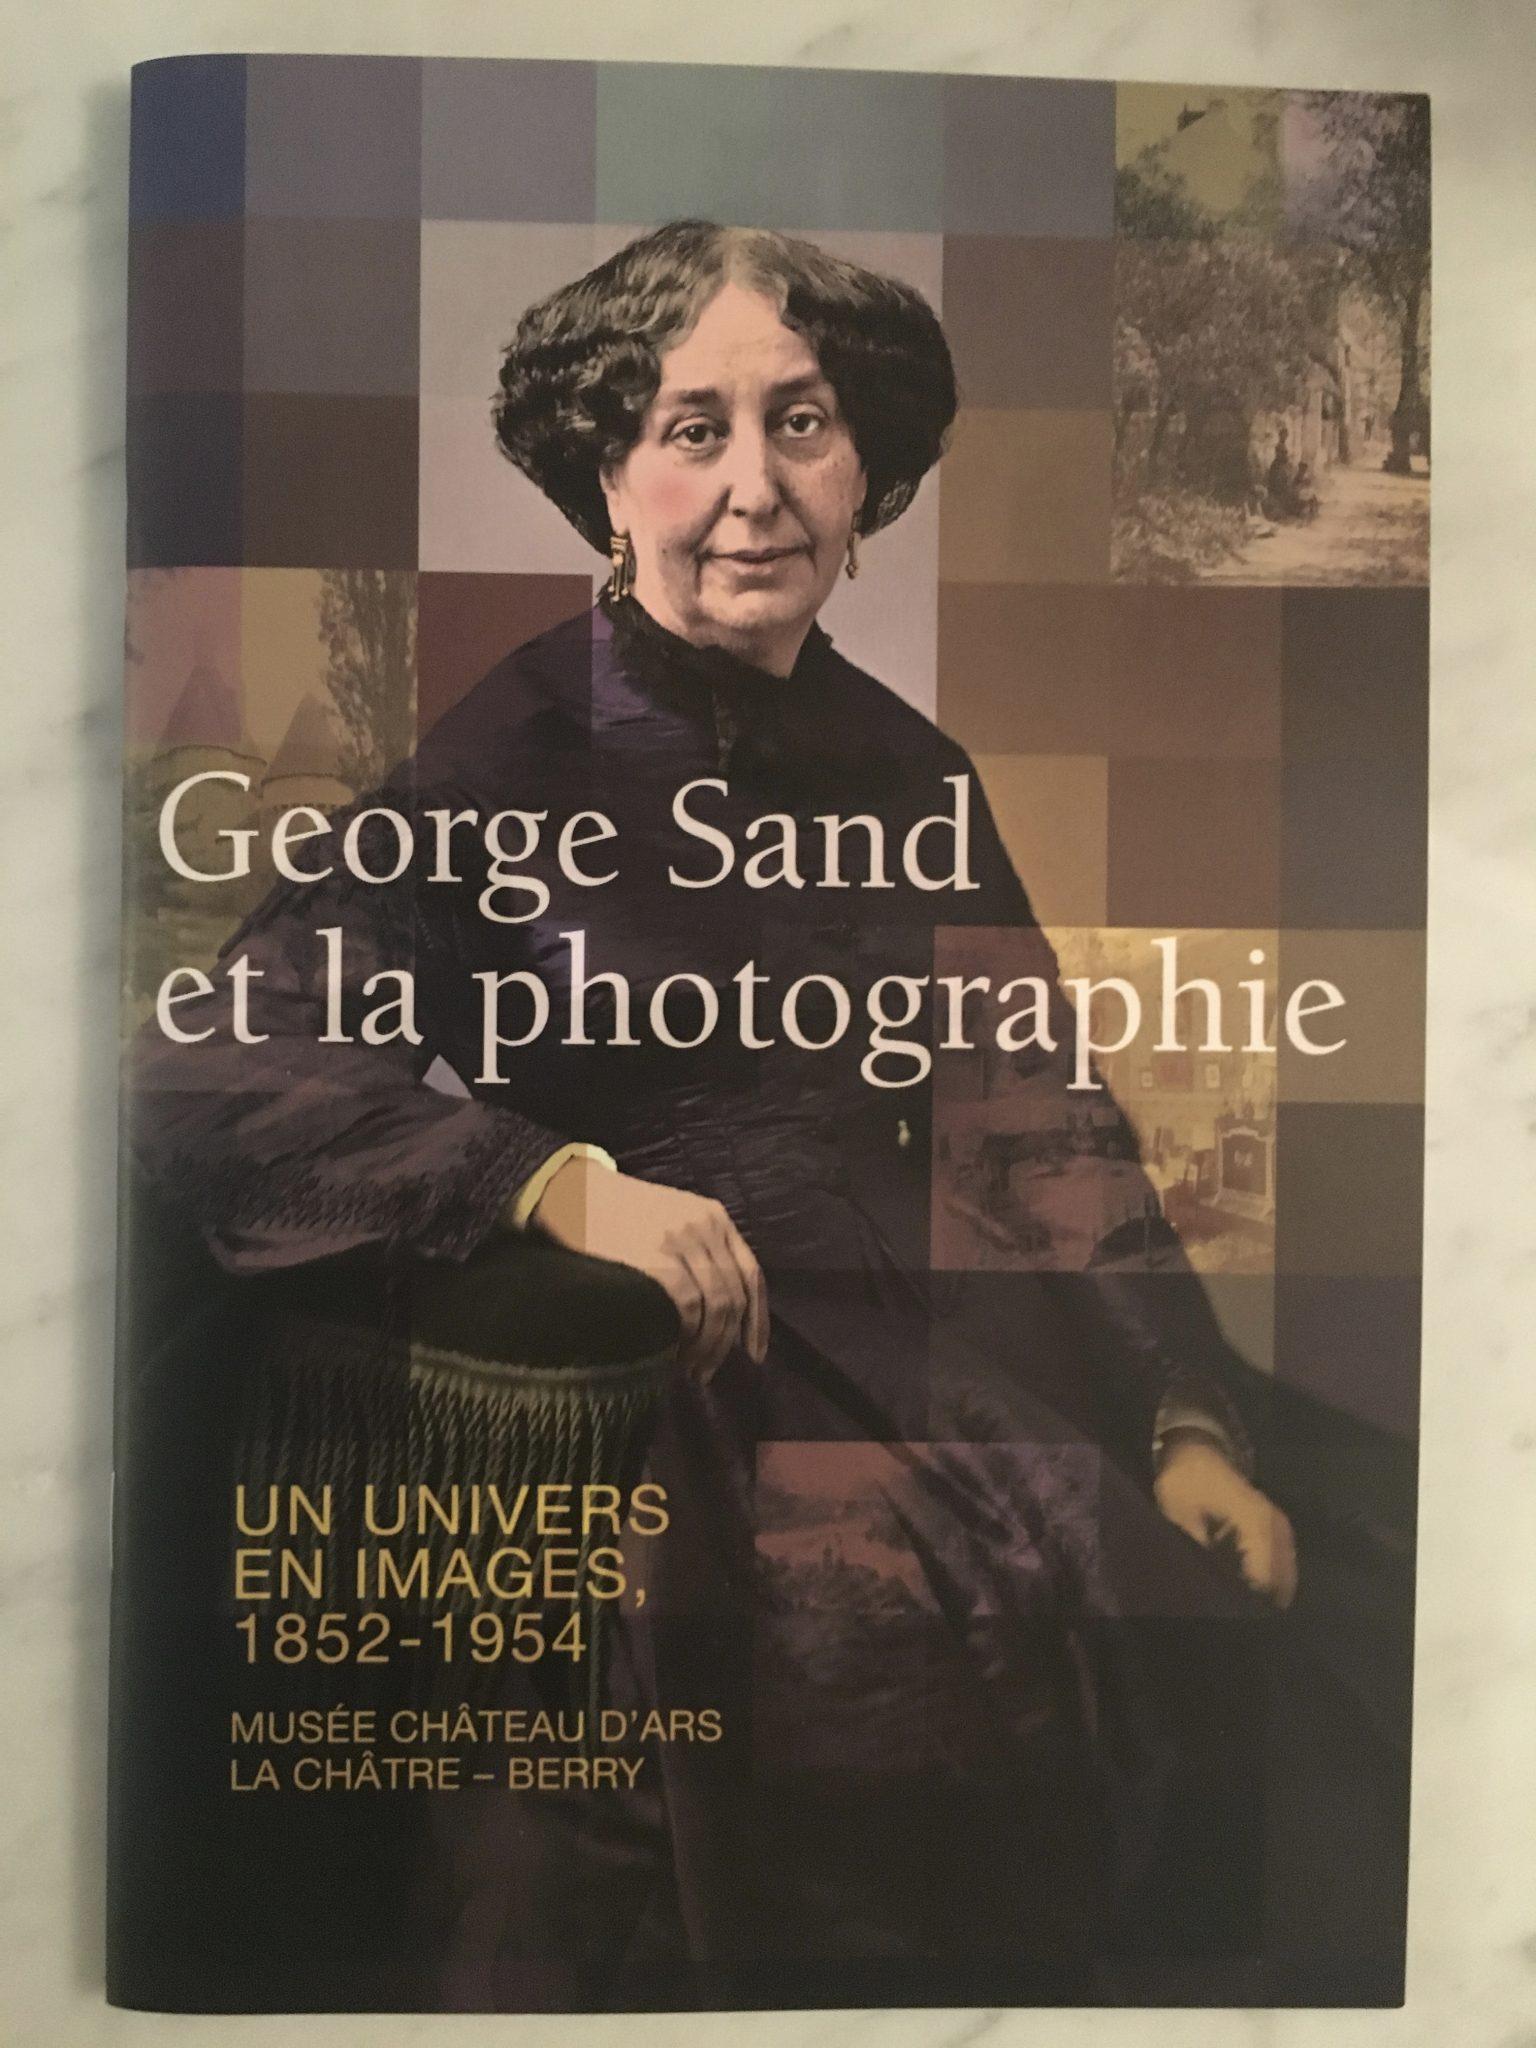 George Sand et la photographie